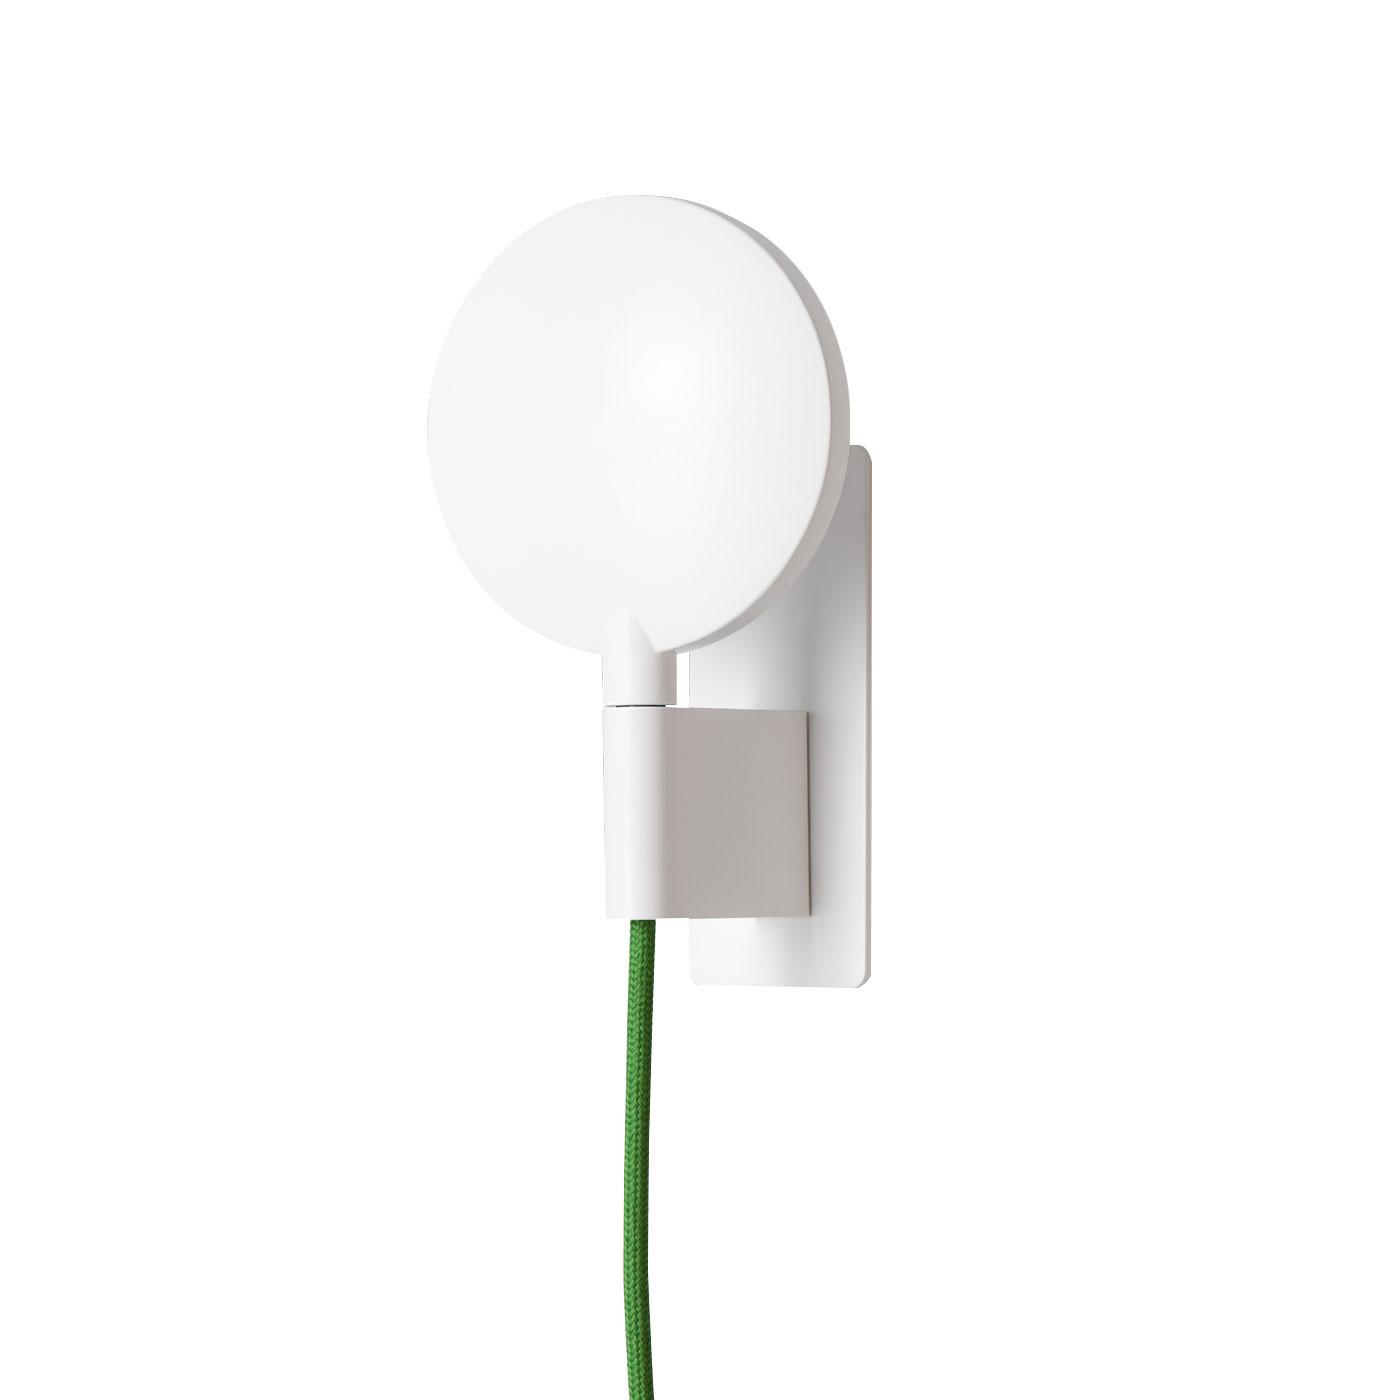 Mawa Design Maggy wall lamp